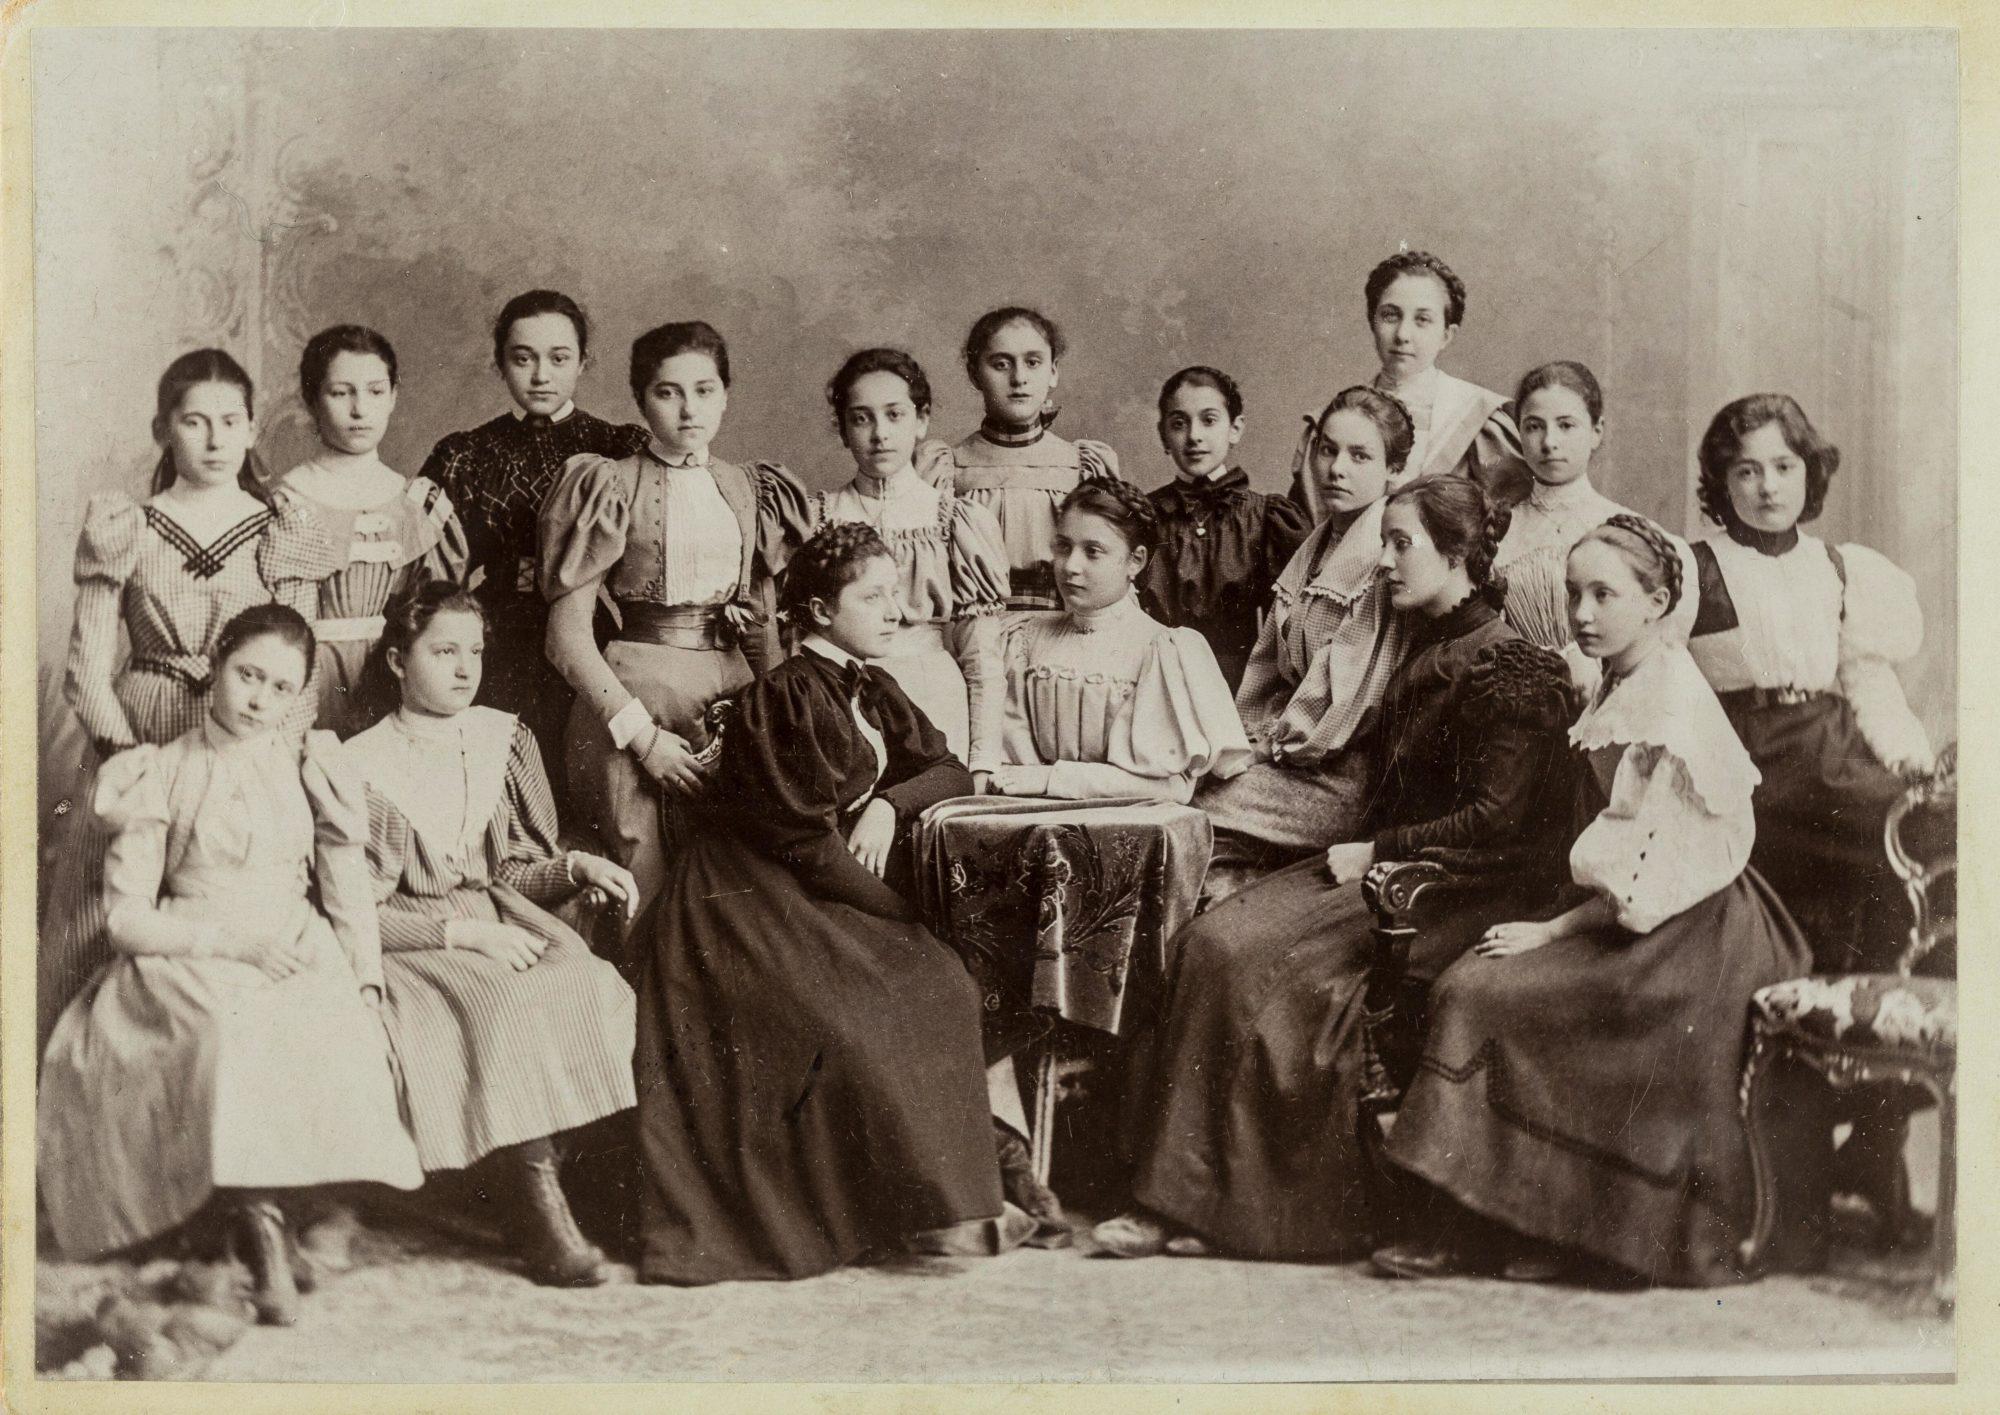 Melanie Klein à l'âge de 13 ans, sur une photographie de classe (au premier rang, la deuxième à droite)